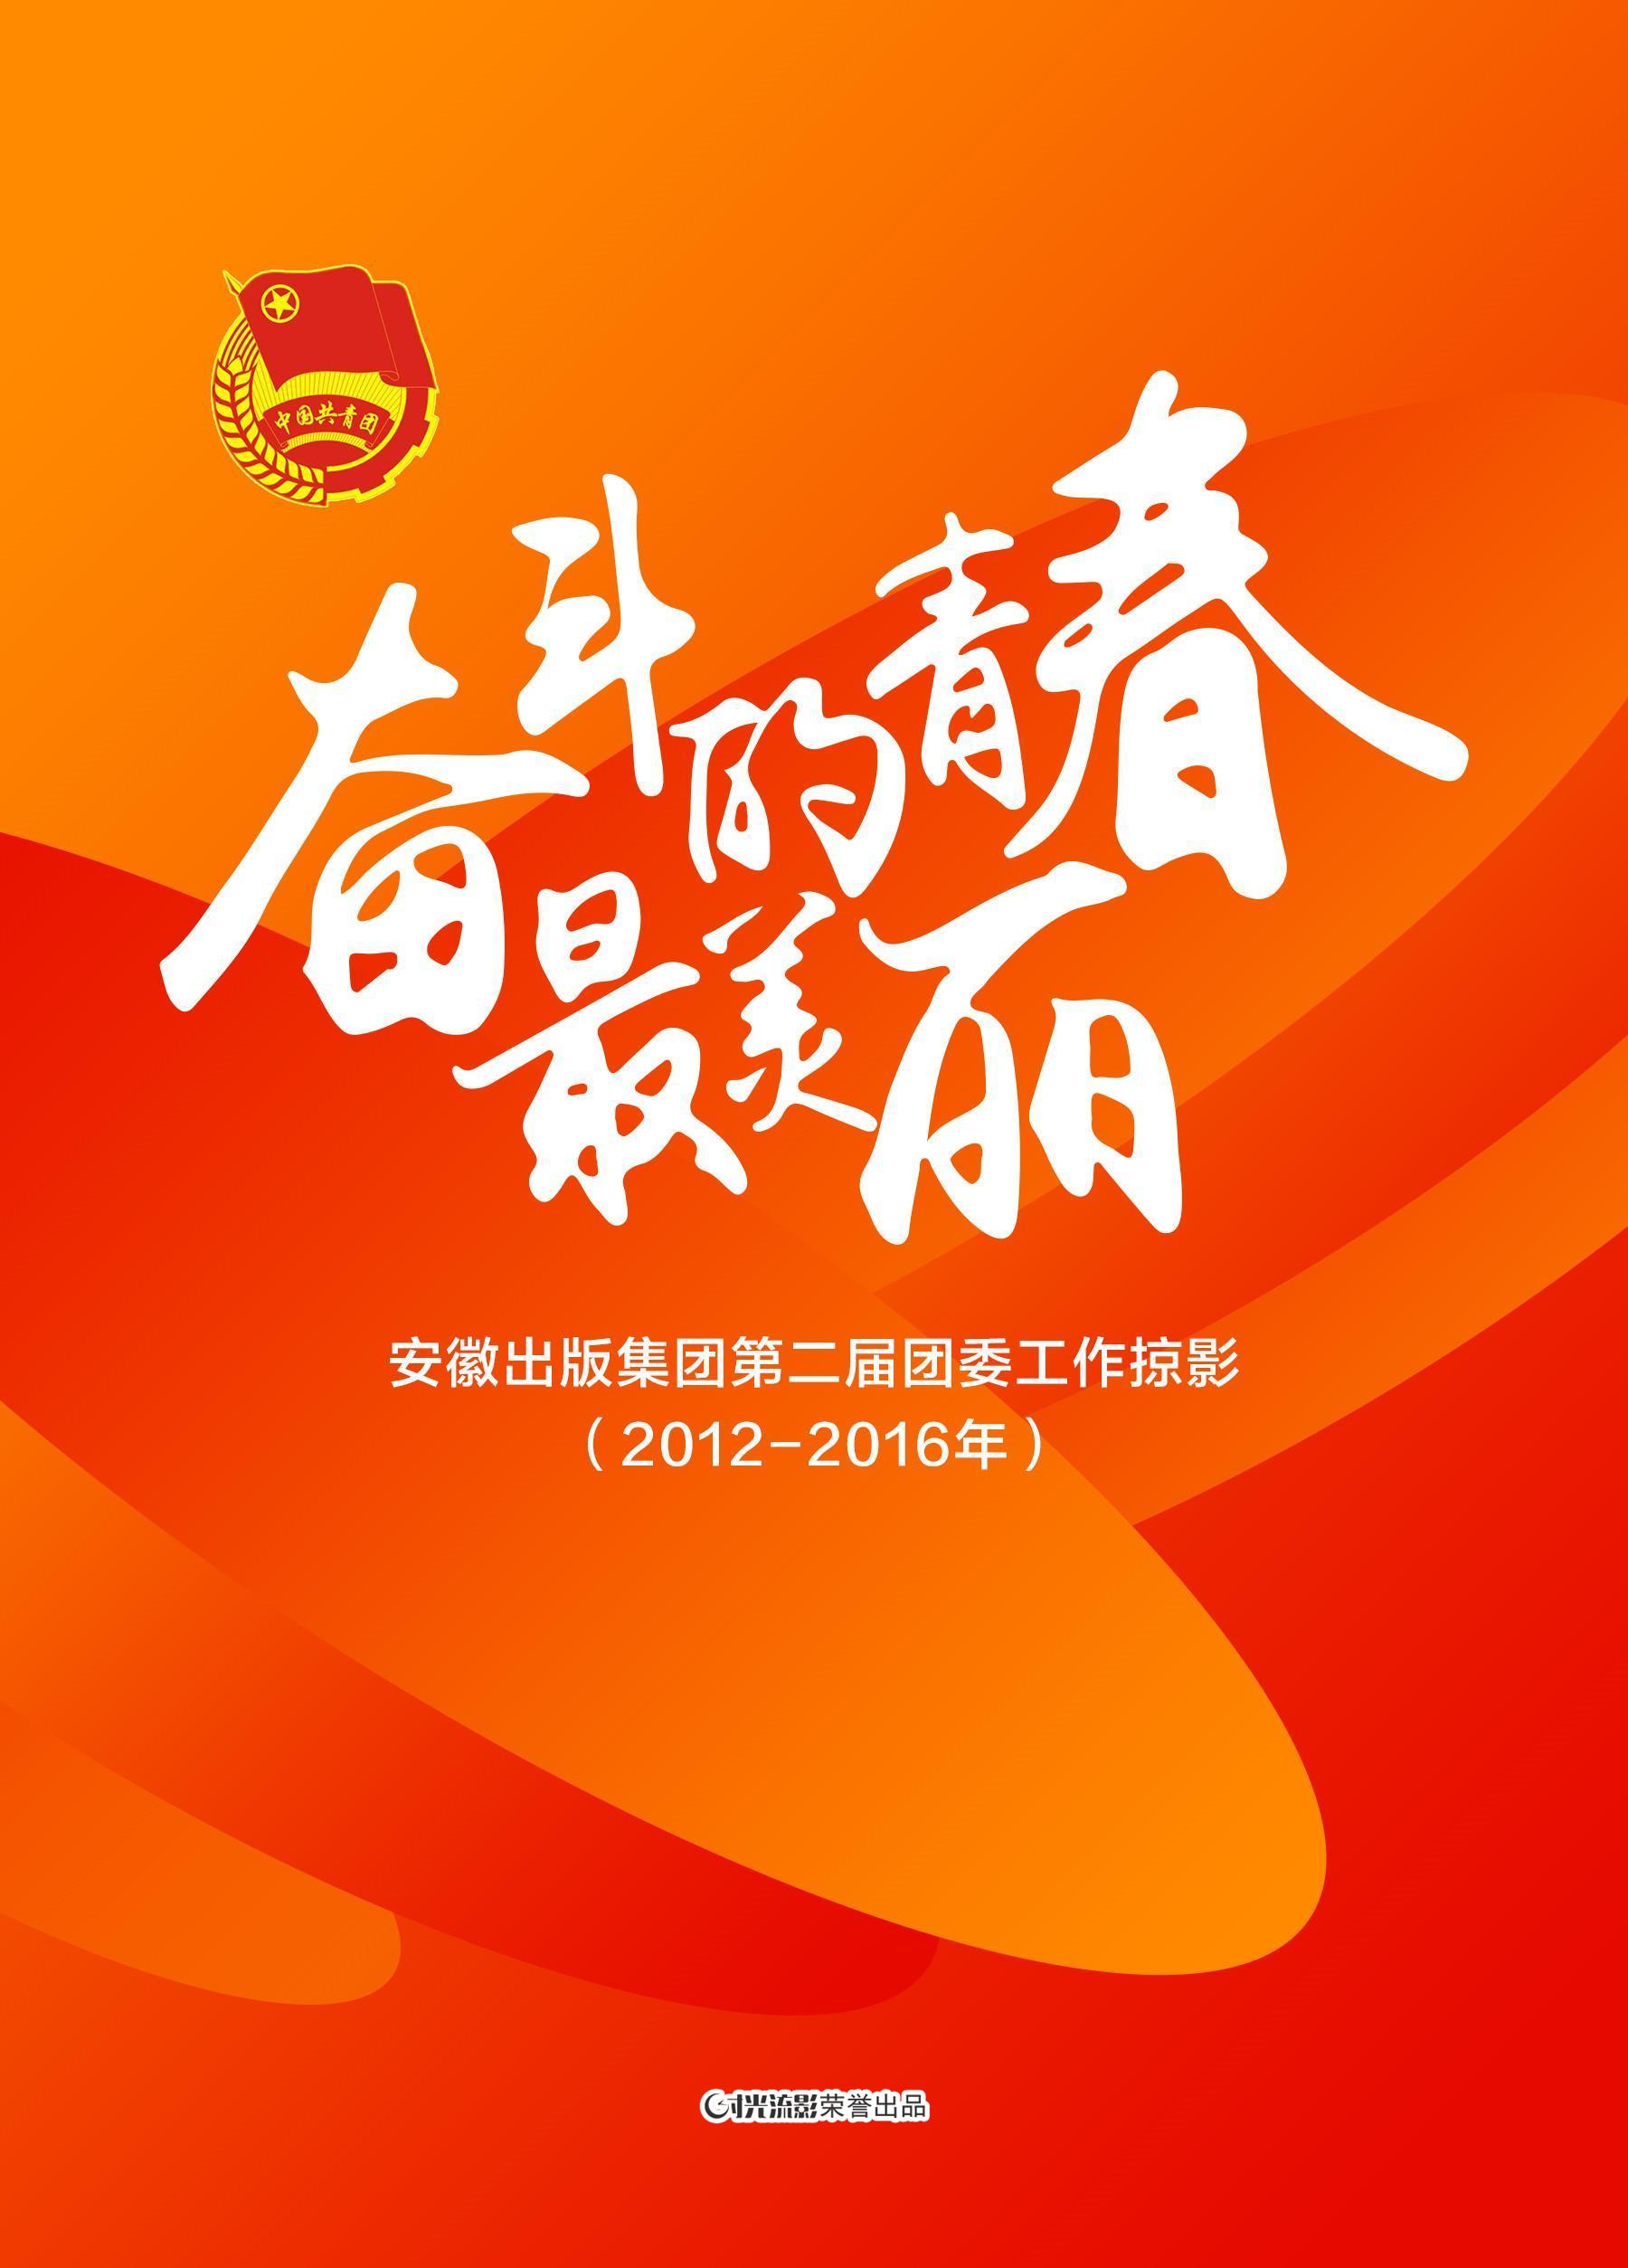 """4月28日,召开""""奋斗的青春最美丽""""分享会暨五四表彰大会."""